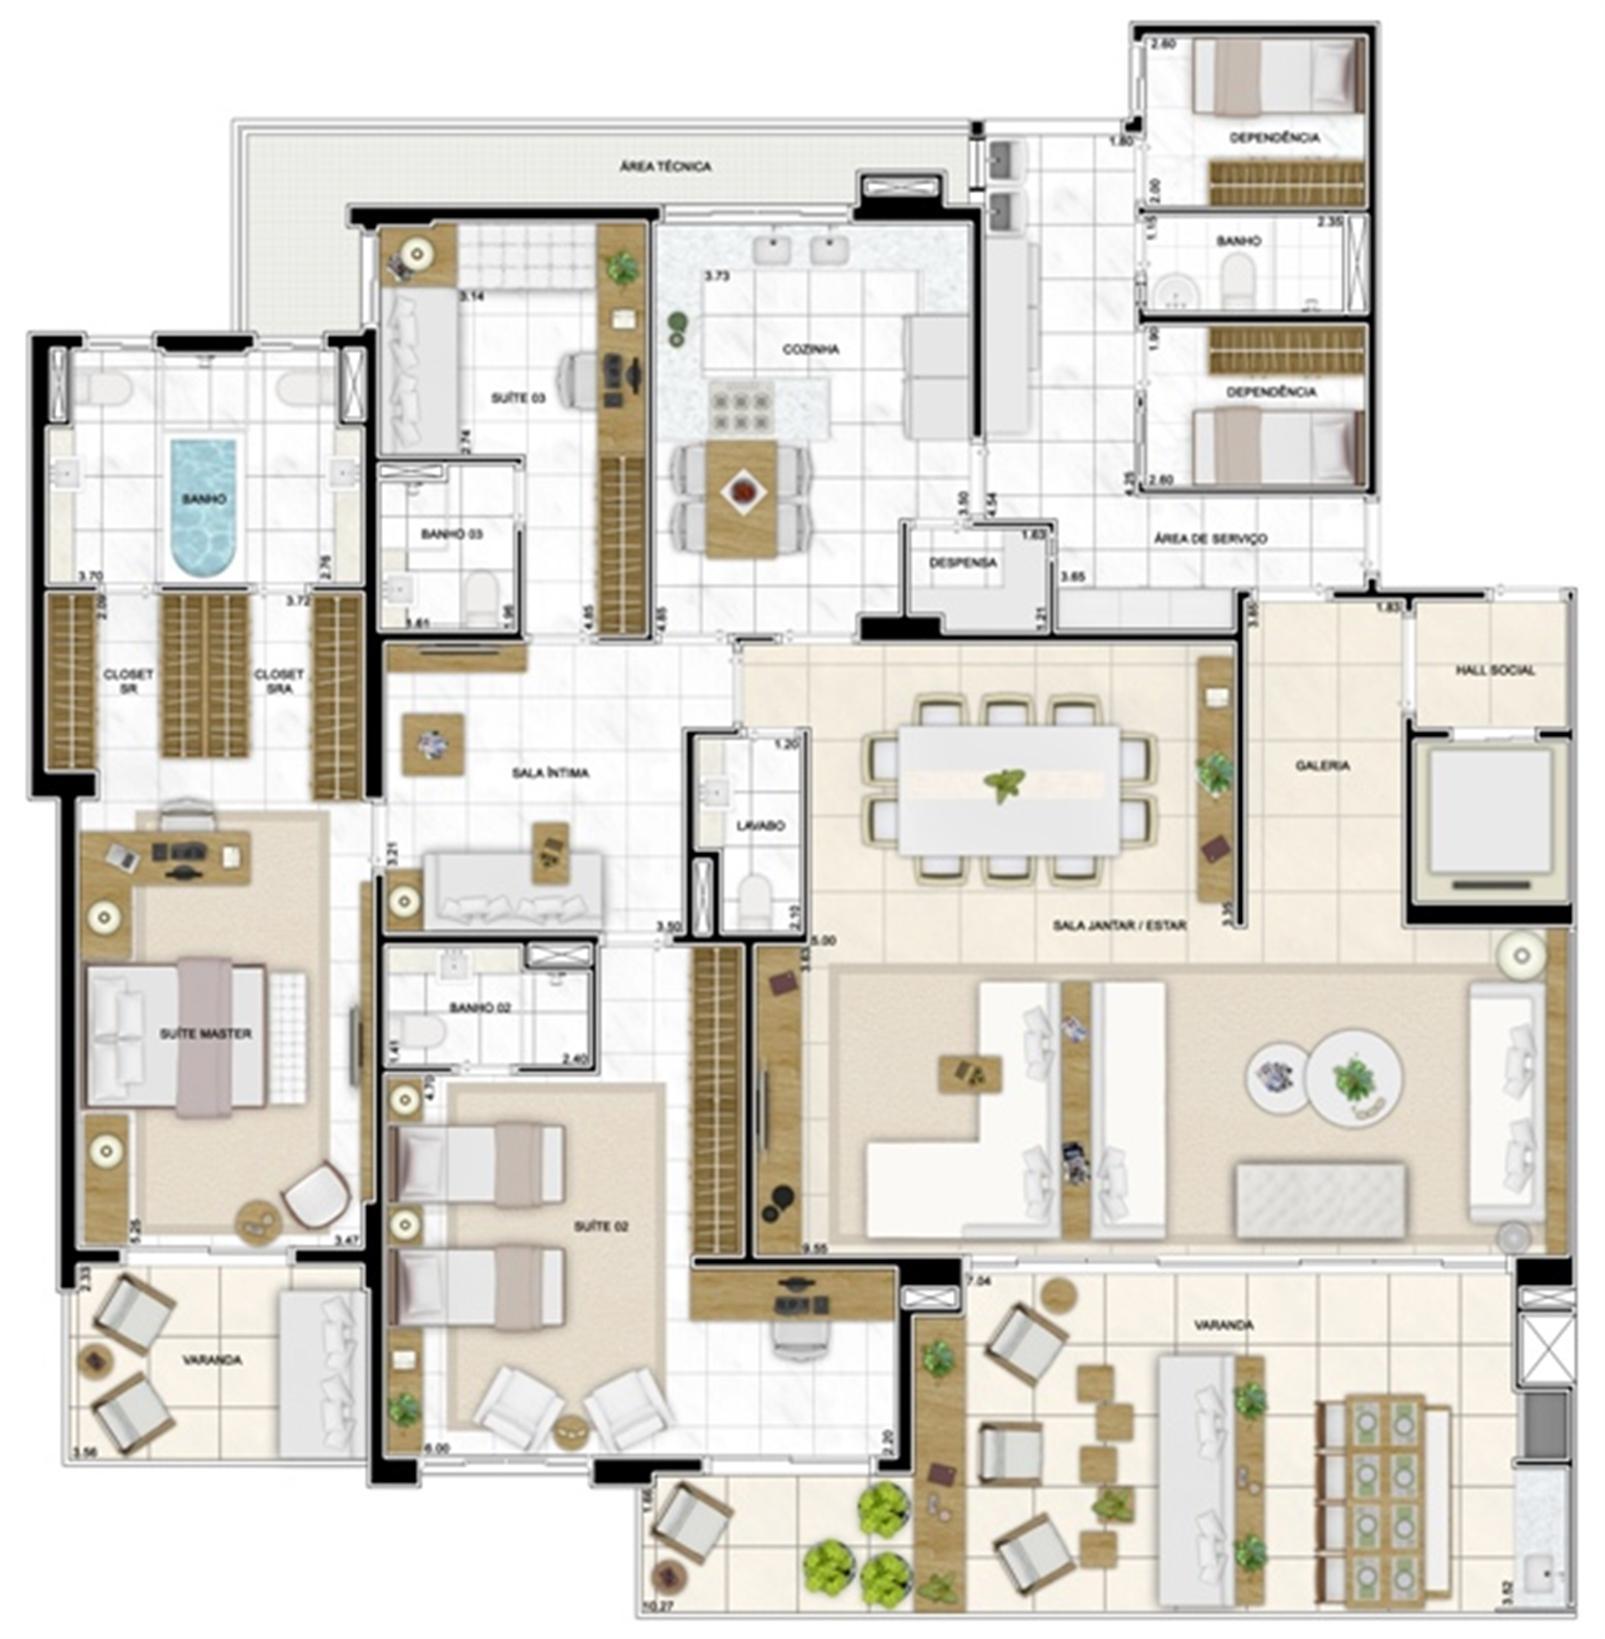 Planta Opção 282 m² Ampliada (3 Suítes) | Infinity Areia Preta – Apartamentona  Areia Preta - Natal - Rio Grande do Norte